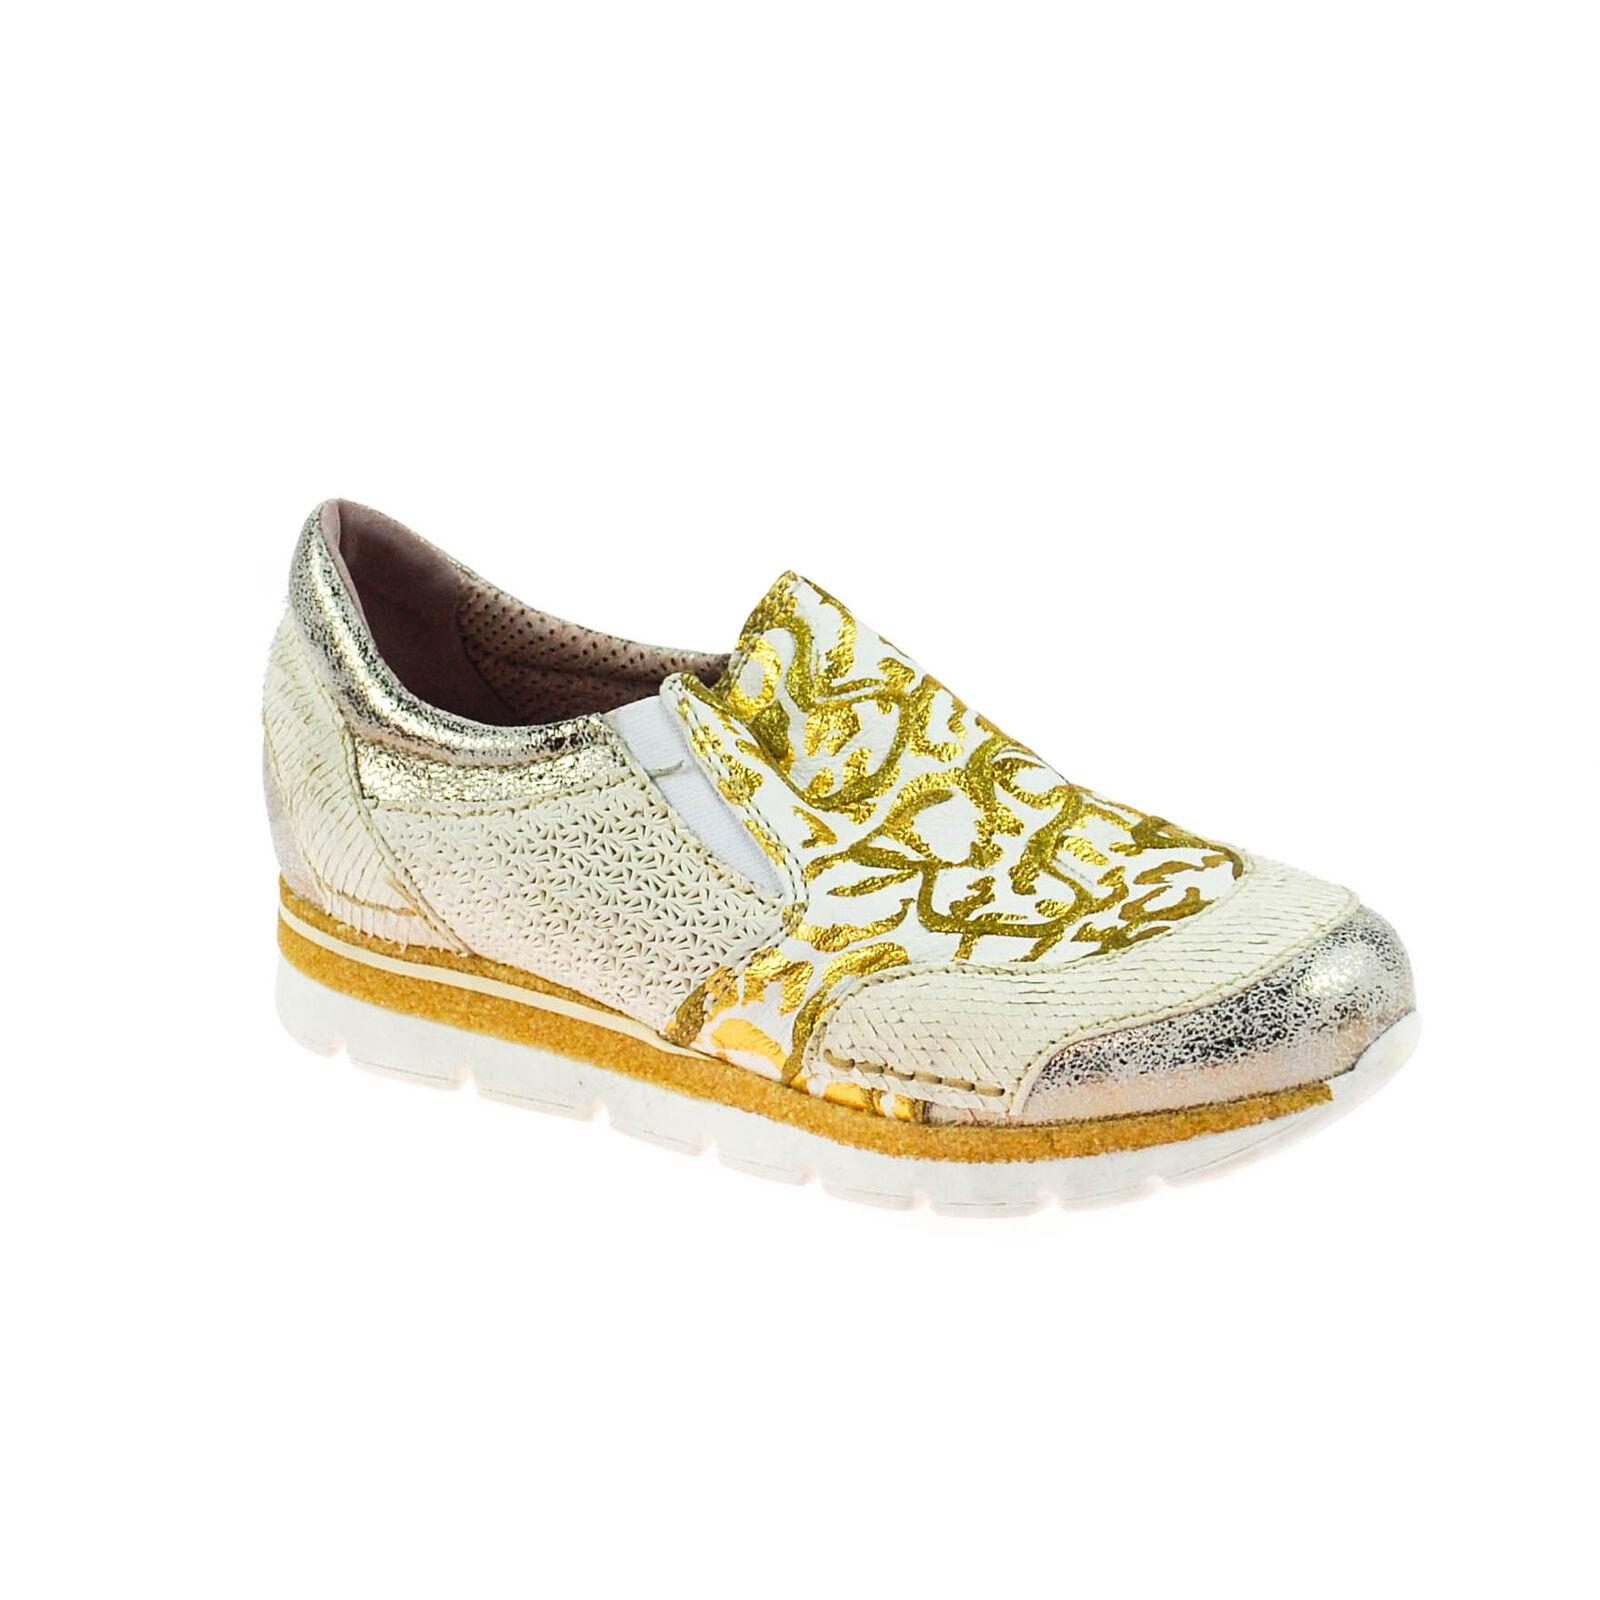 l'ultimo Fascino Fascino Fascino DONNA mezza Scarpa scarpe da ginnastica Pelle Bianco argentoo oro Grigio Multicolore  vendita online